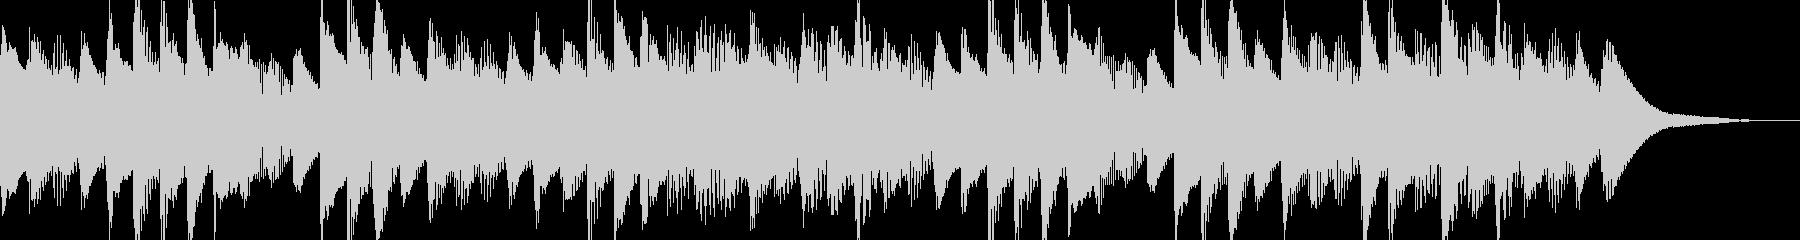 ほのぼのとしたマリンバ ジングル 日常系の未再生の波形